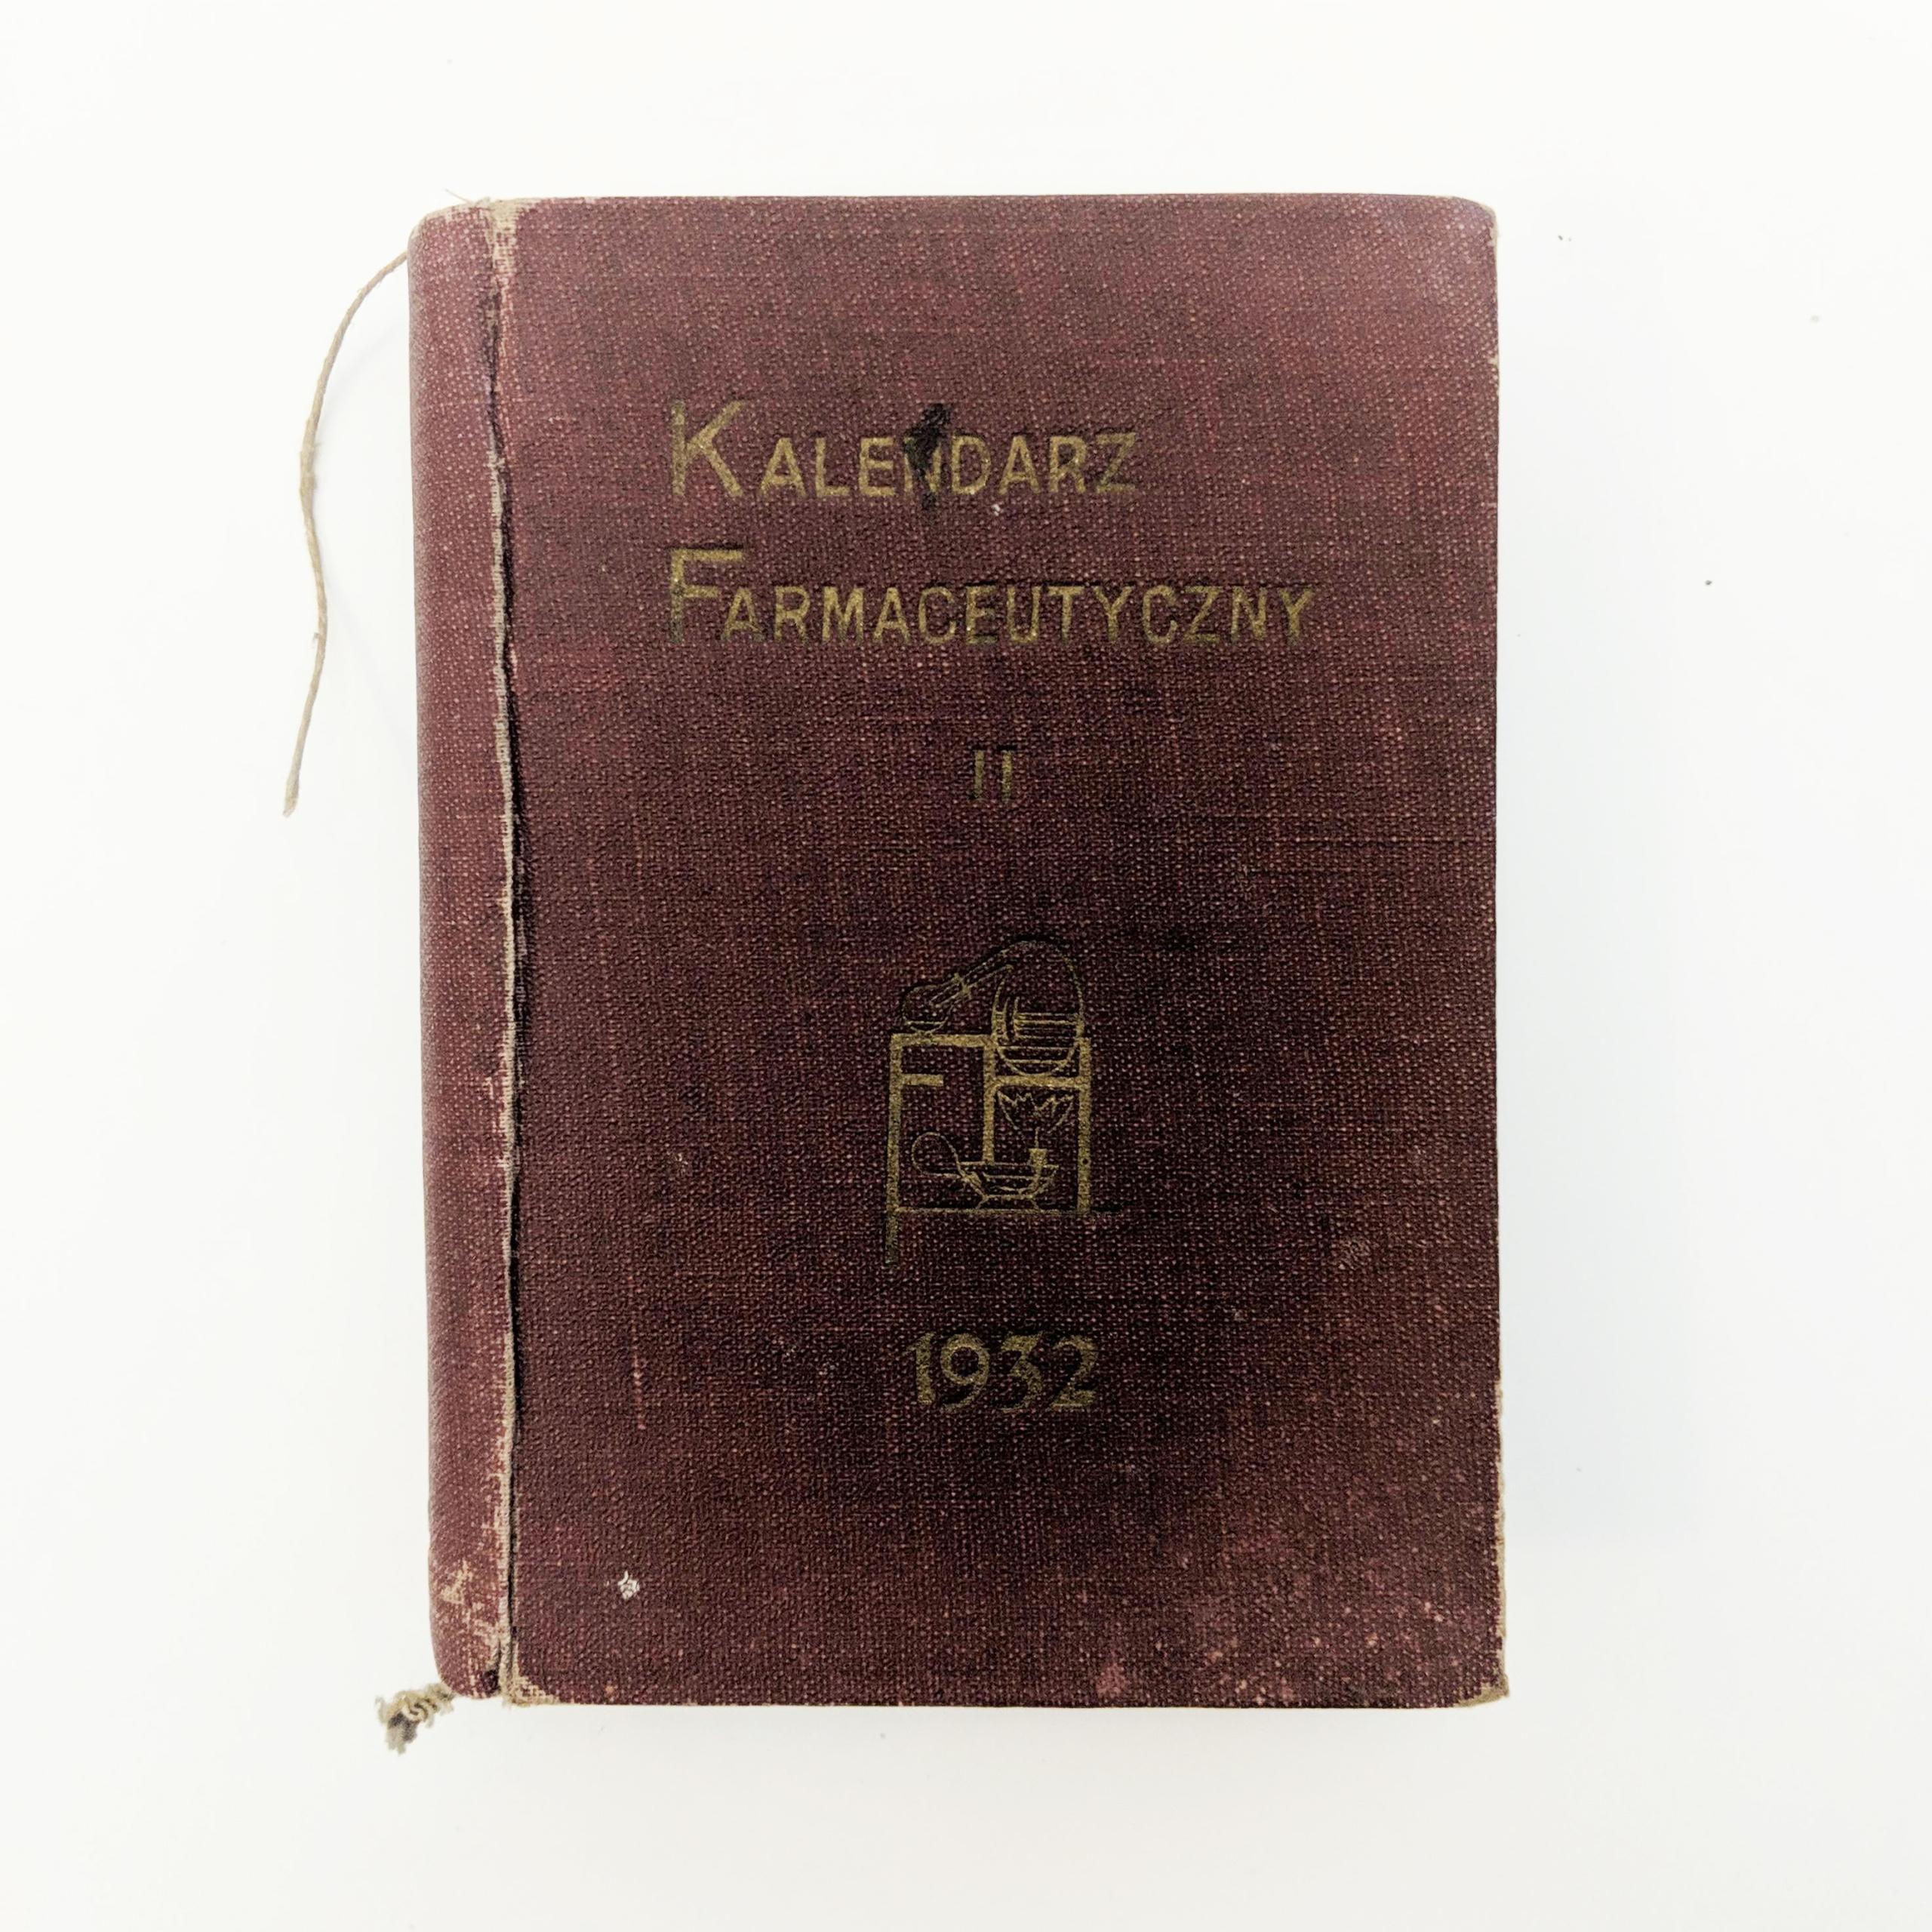 Kalendarz farmaceutyczny II 1932